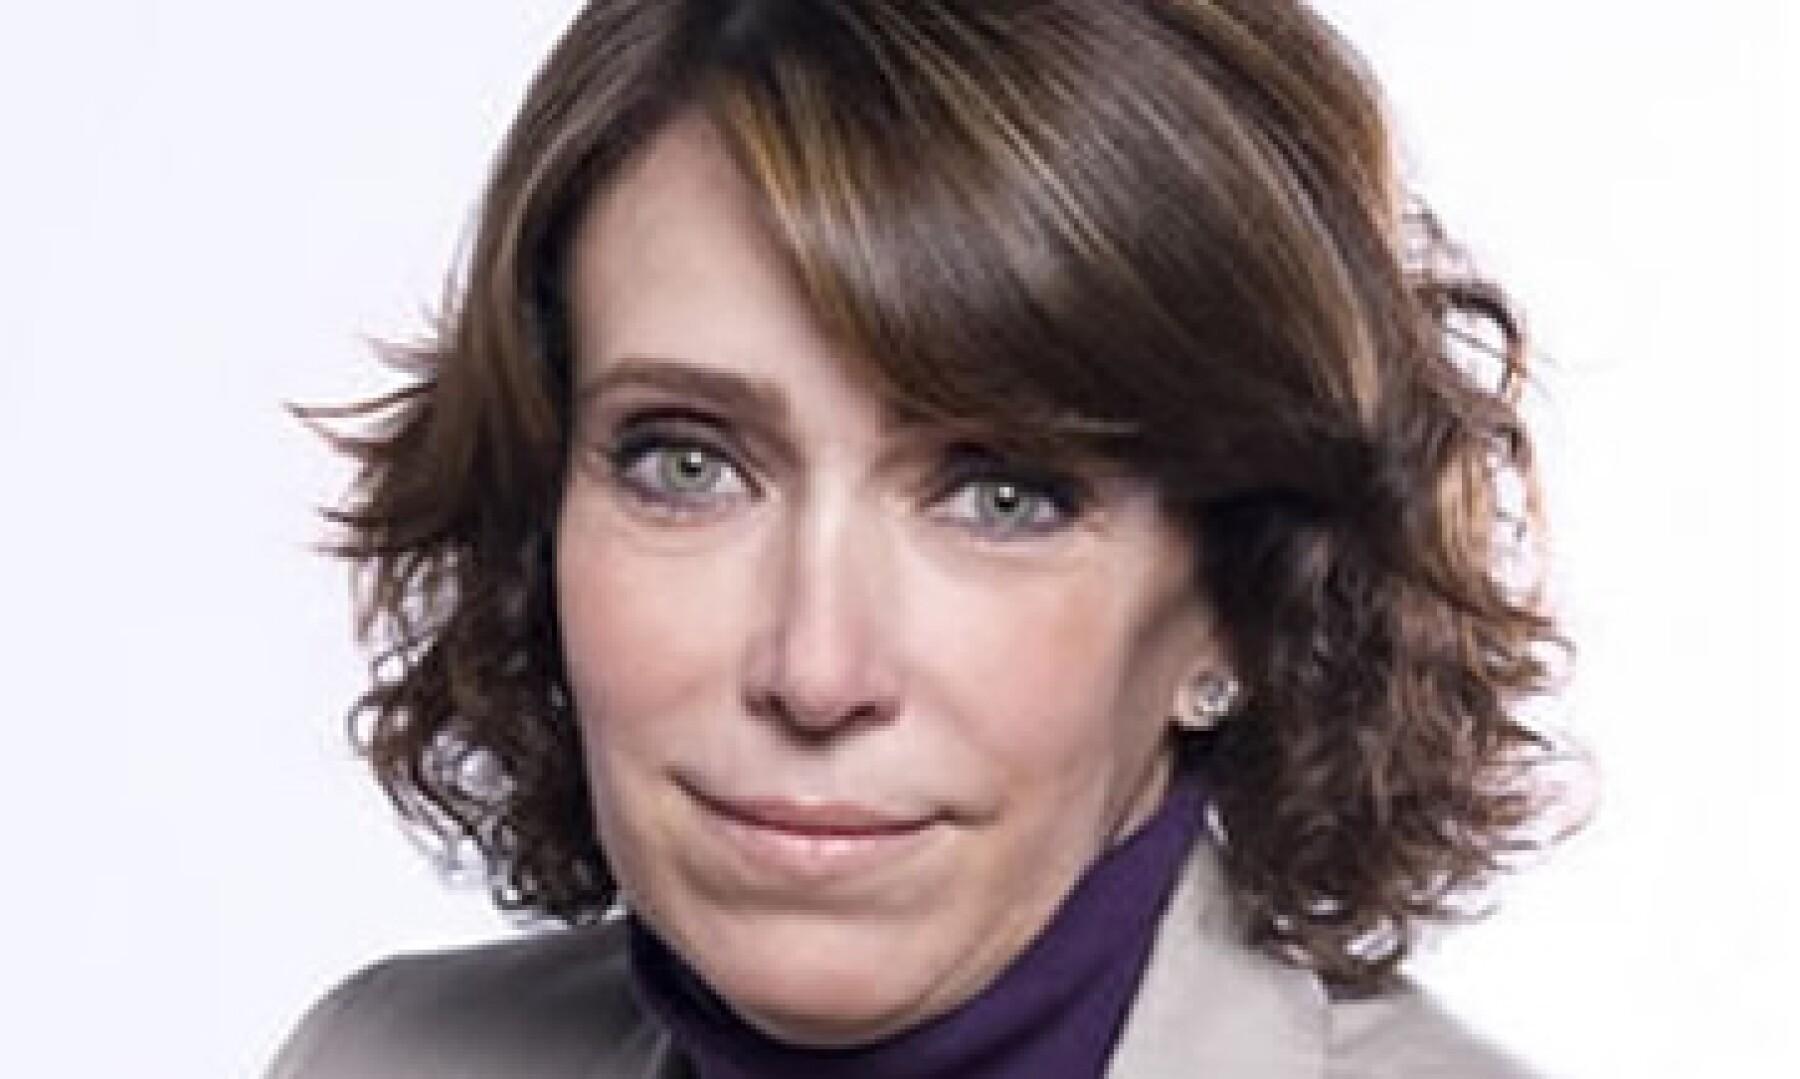 La VP de Grupo Modelo ocupa además el puesto 1 del ranking 2011 de Las 50 Mujeres más Poderosas de la revista Expansión. (Foto: Alfredo Pelcastre / Mondaphoto)